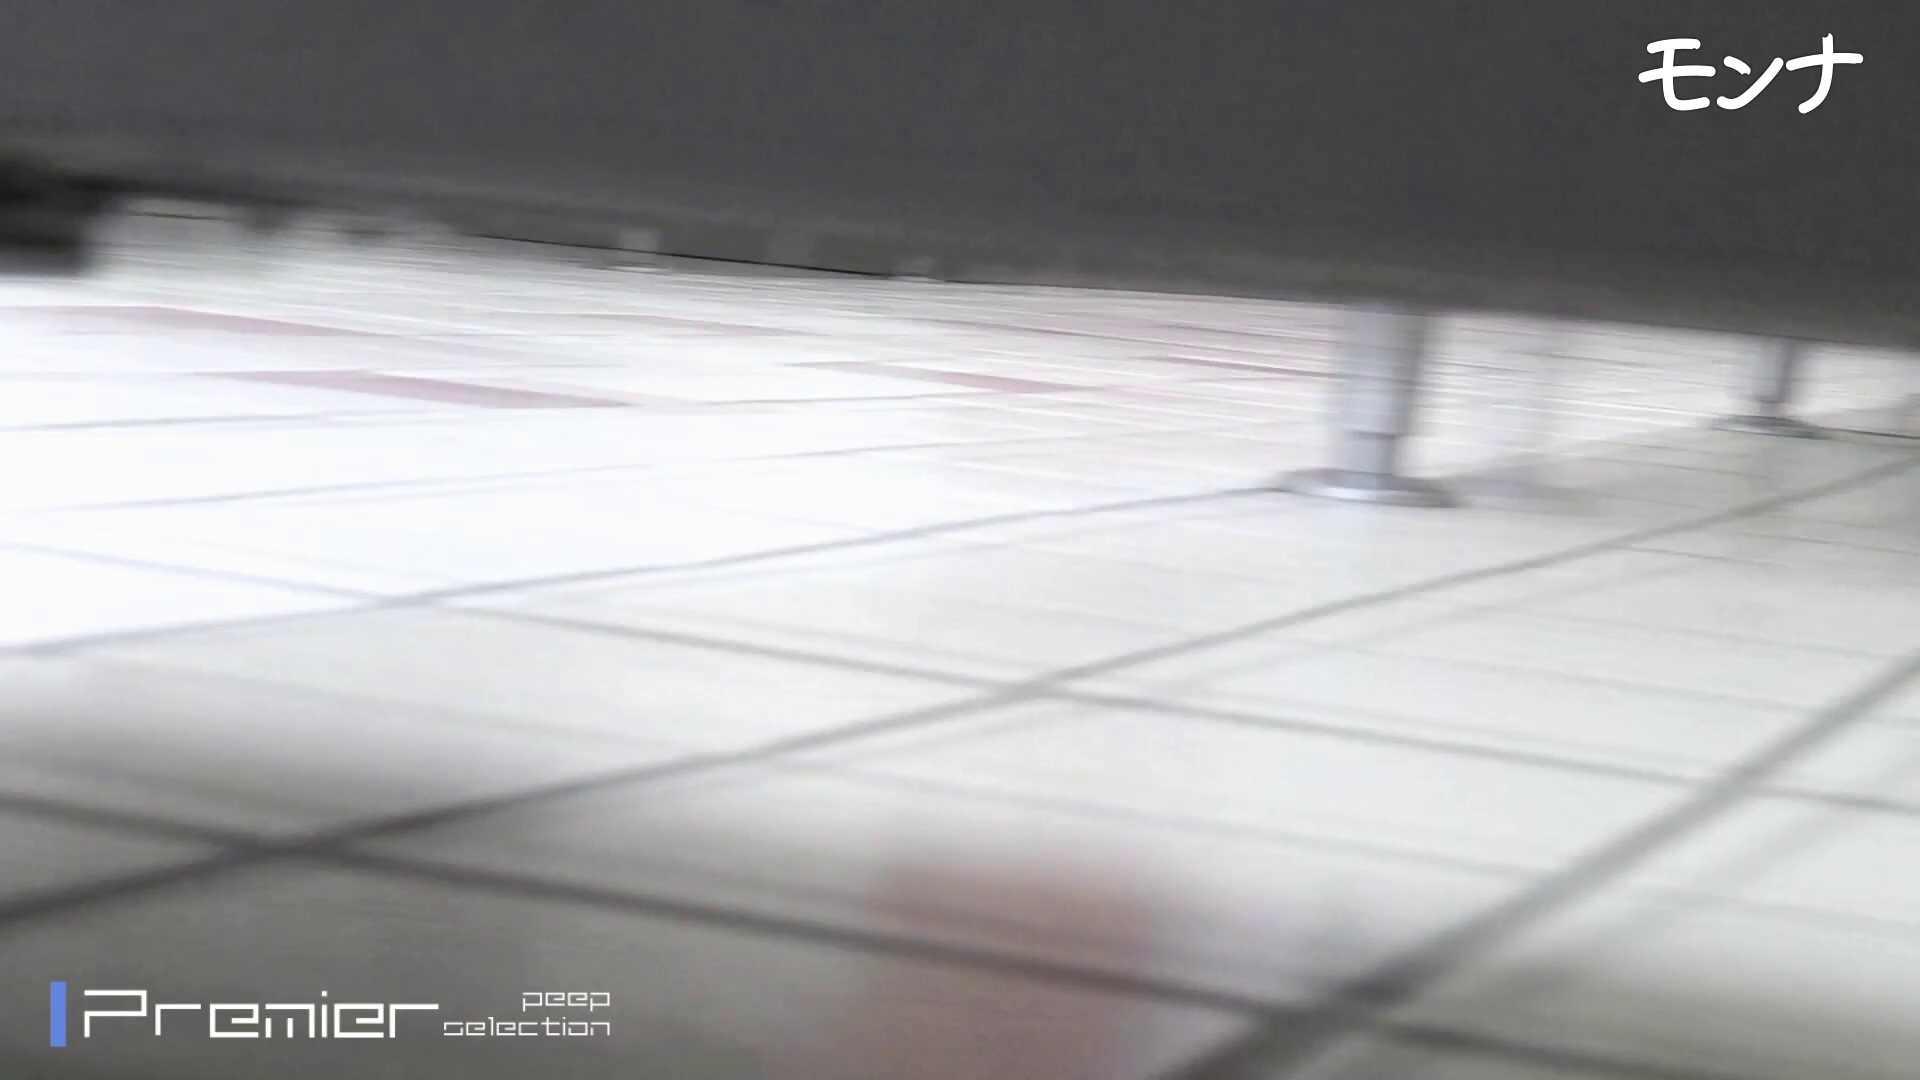 CM 悶絶シリーズ5 【美しい日本の未来 No.128】 おまんこ無修正 | ギャル・コレクション  48連発 37